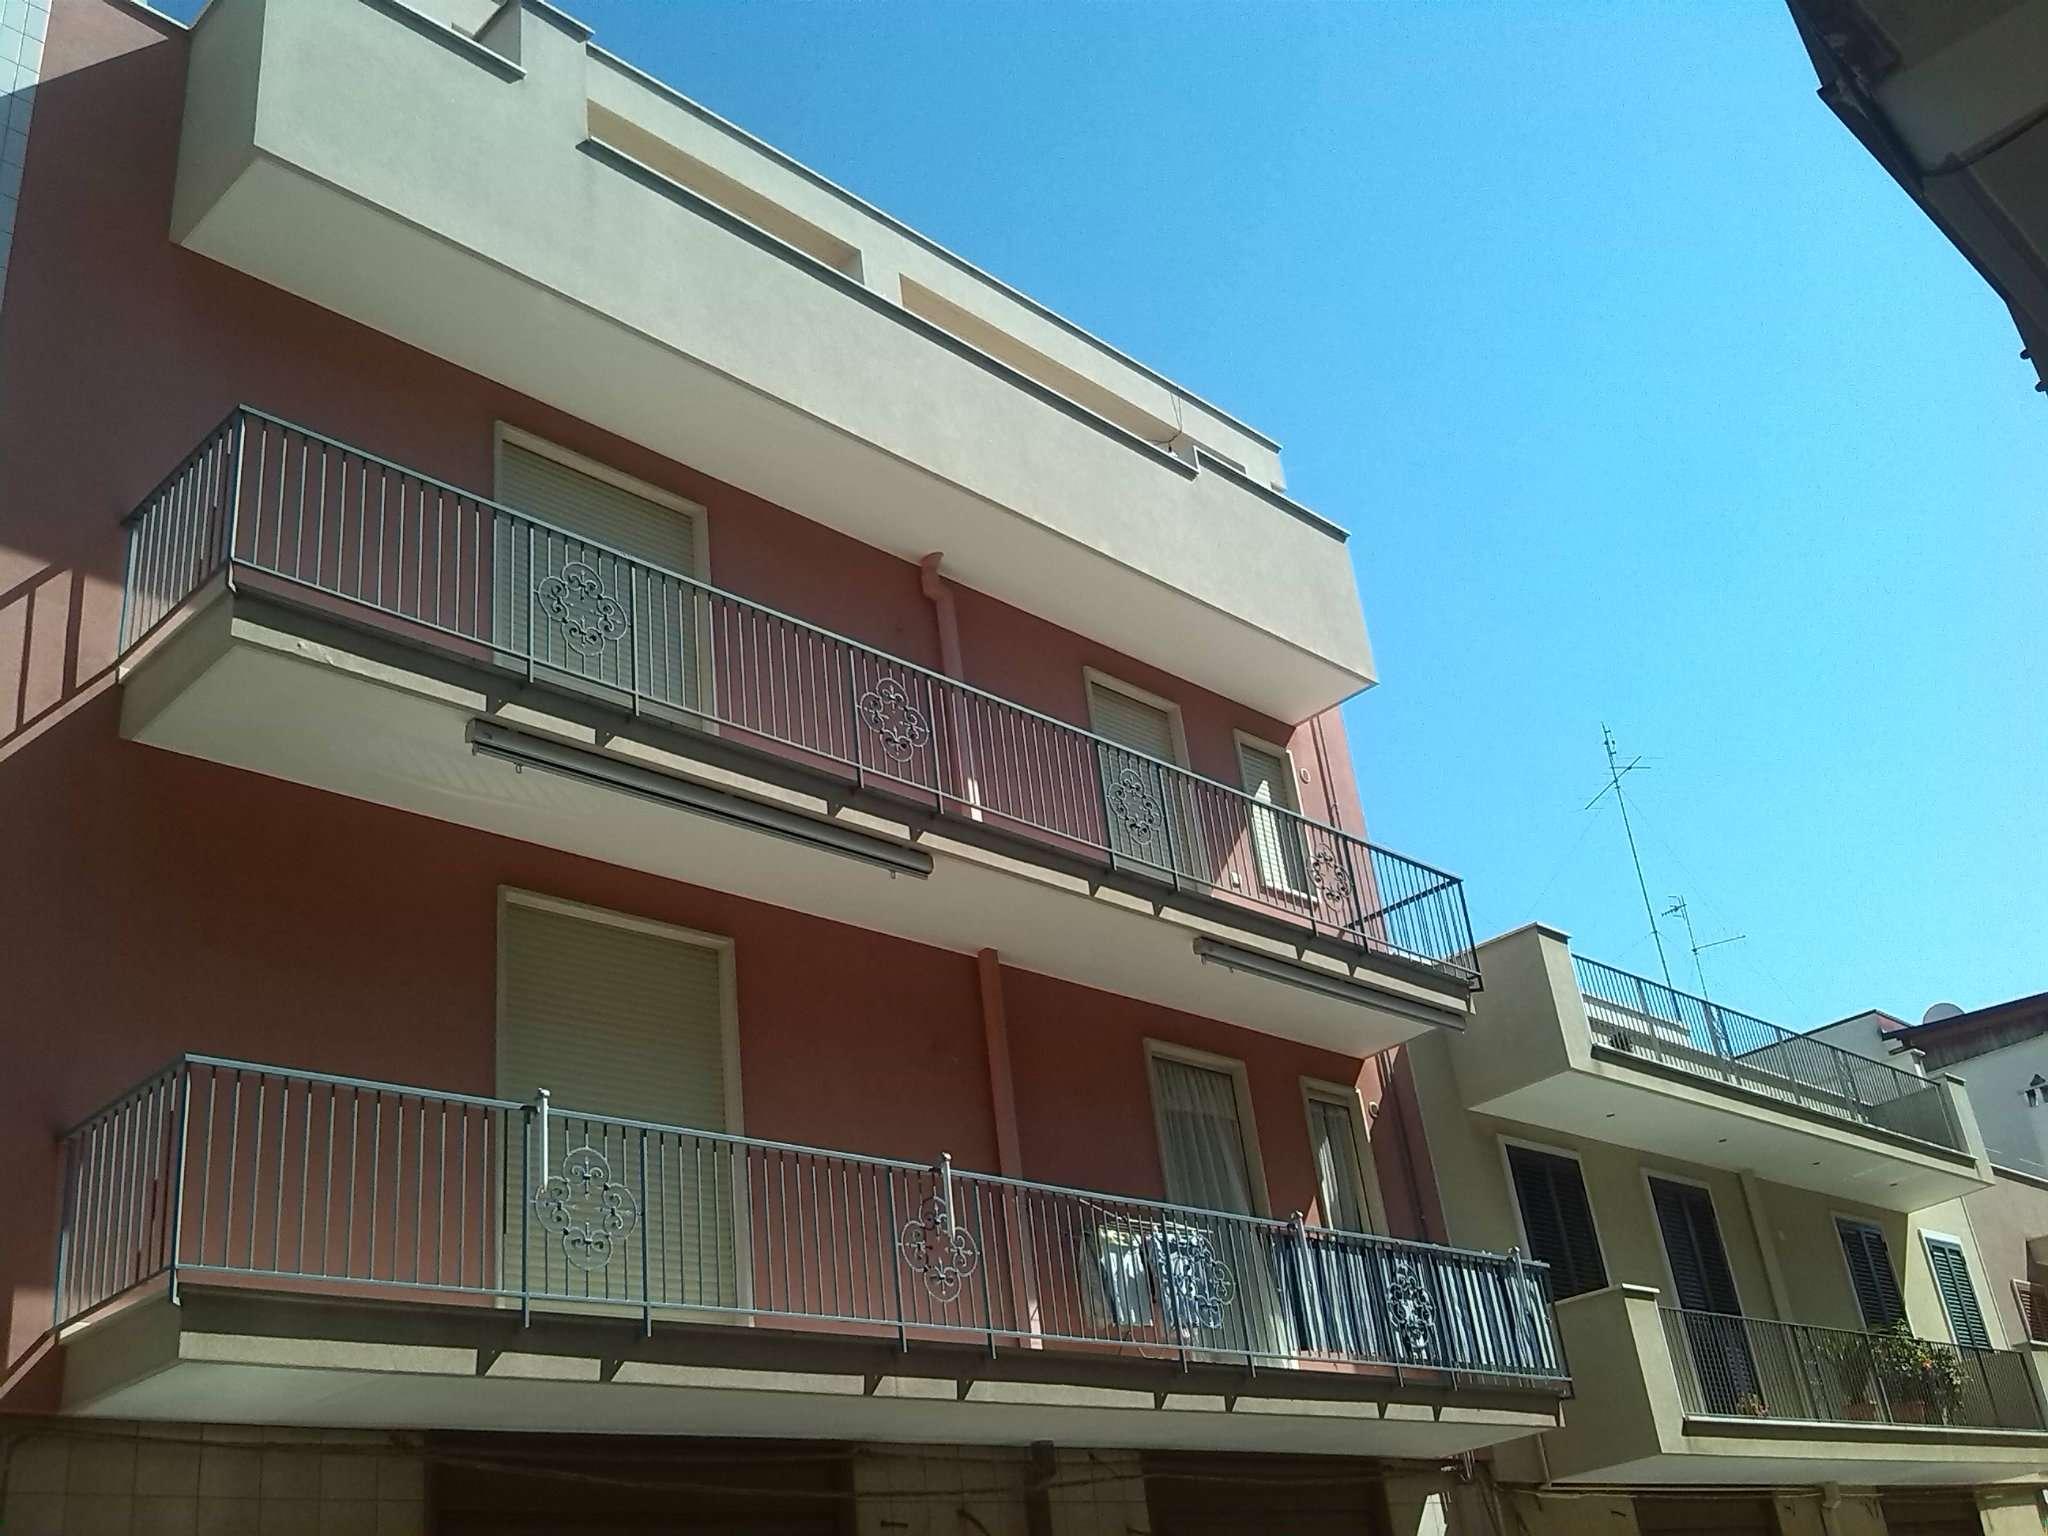 Appartamenti bilocali in vendita a polignano a mare for Subito it appartamenti arredati bari